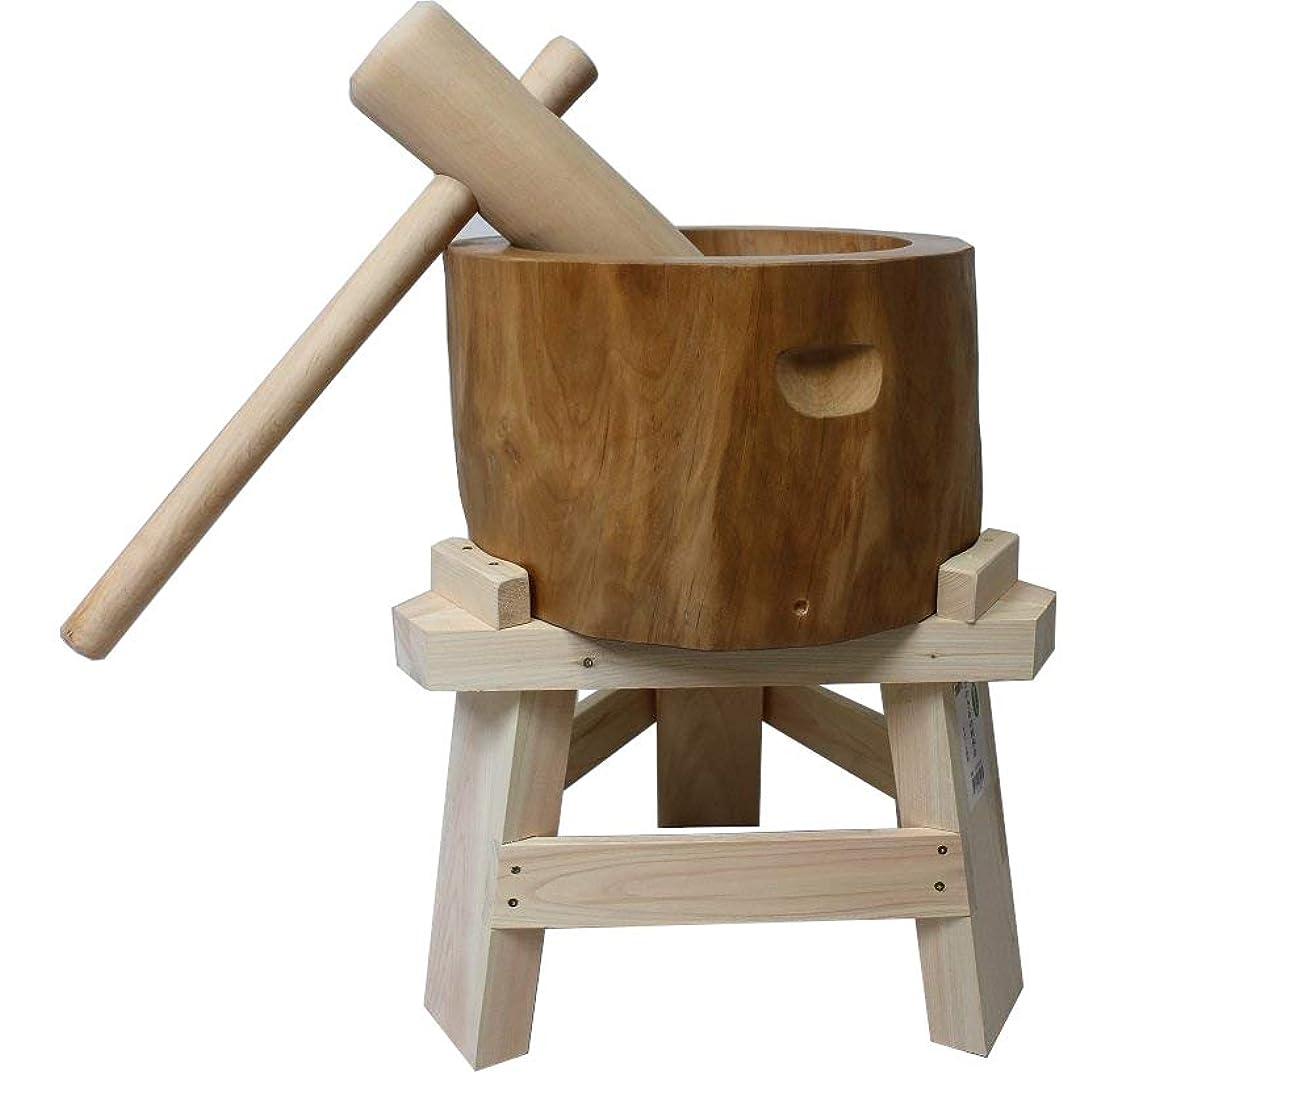 政治家の株式会社赤面【専用木台付き】北海道天然木製ミニもちつきセット